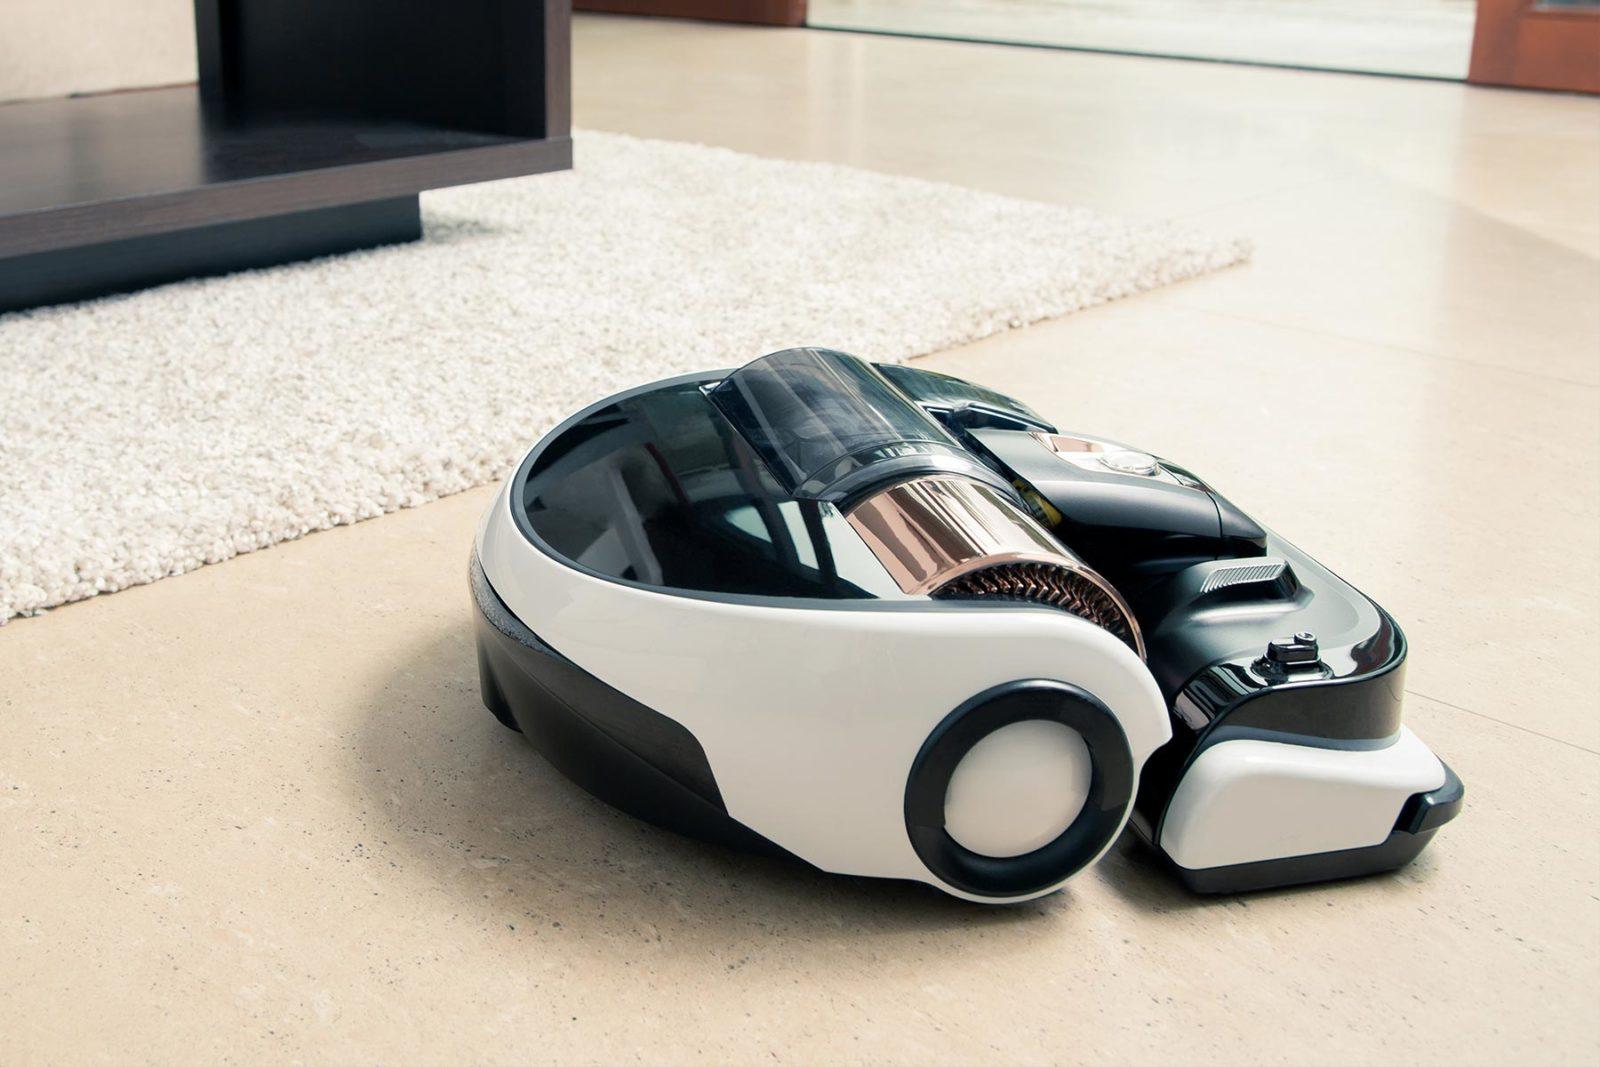 kak-pravilno-vybrat-robot-pylesos (3)